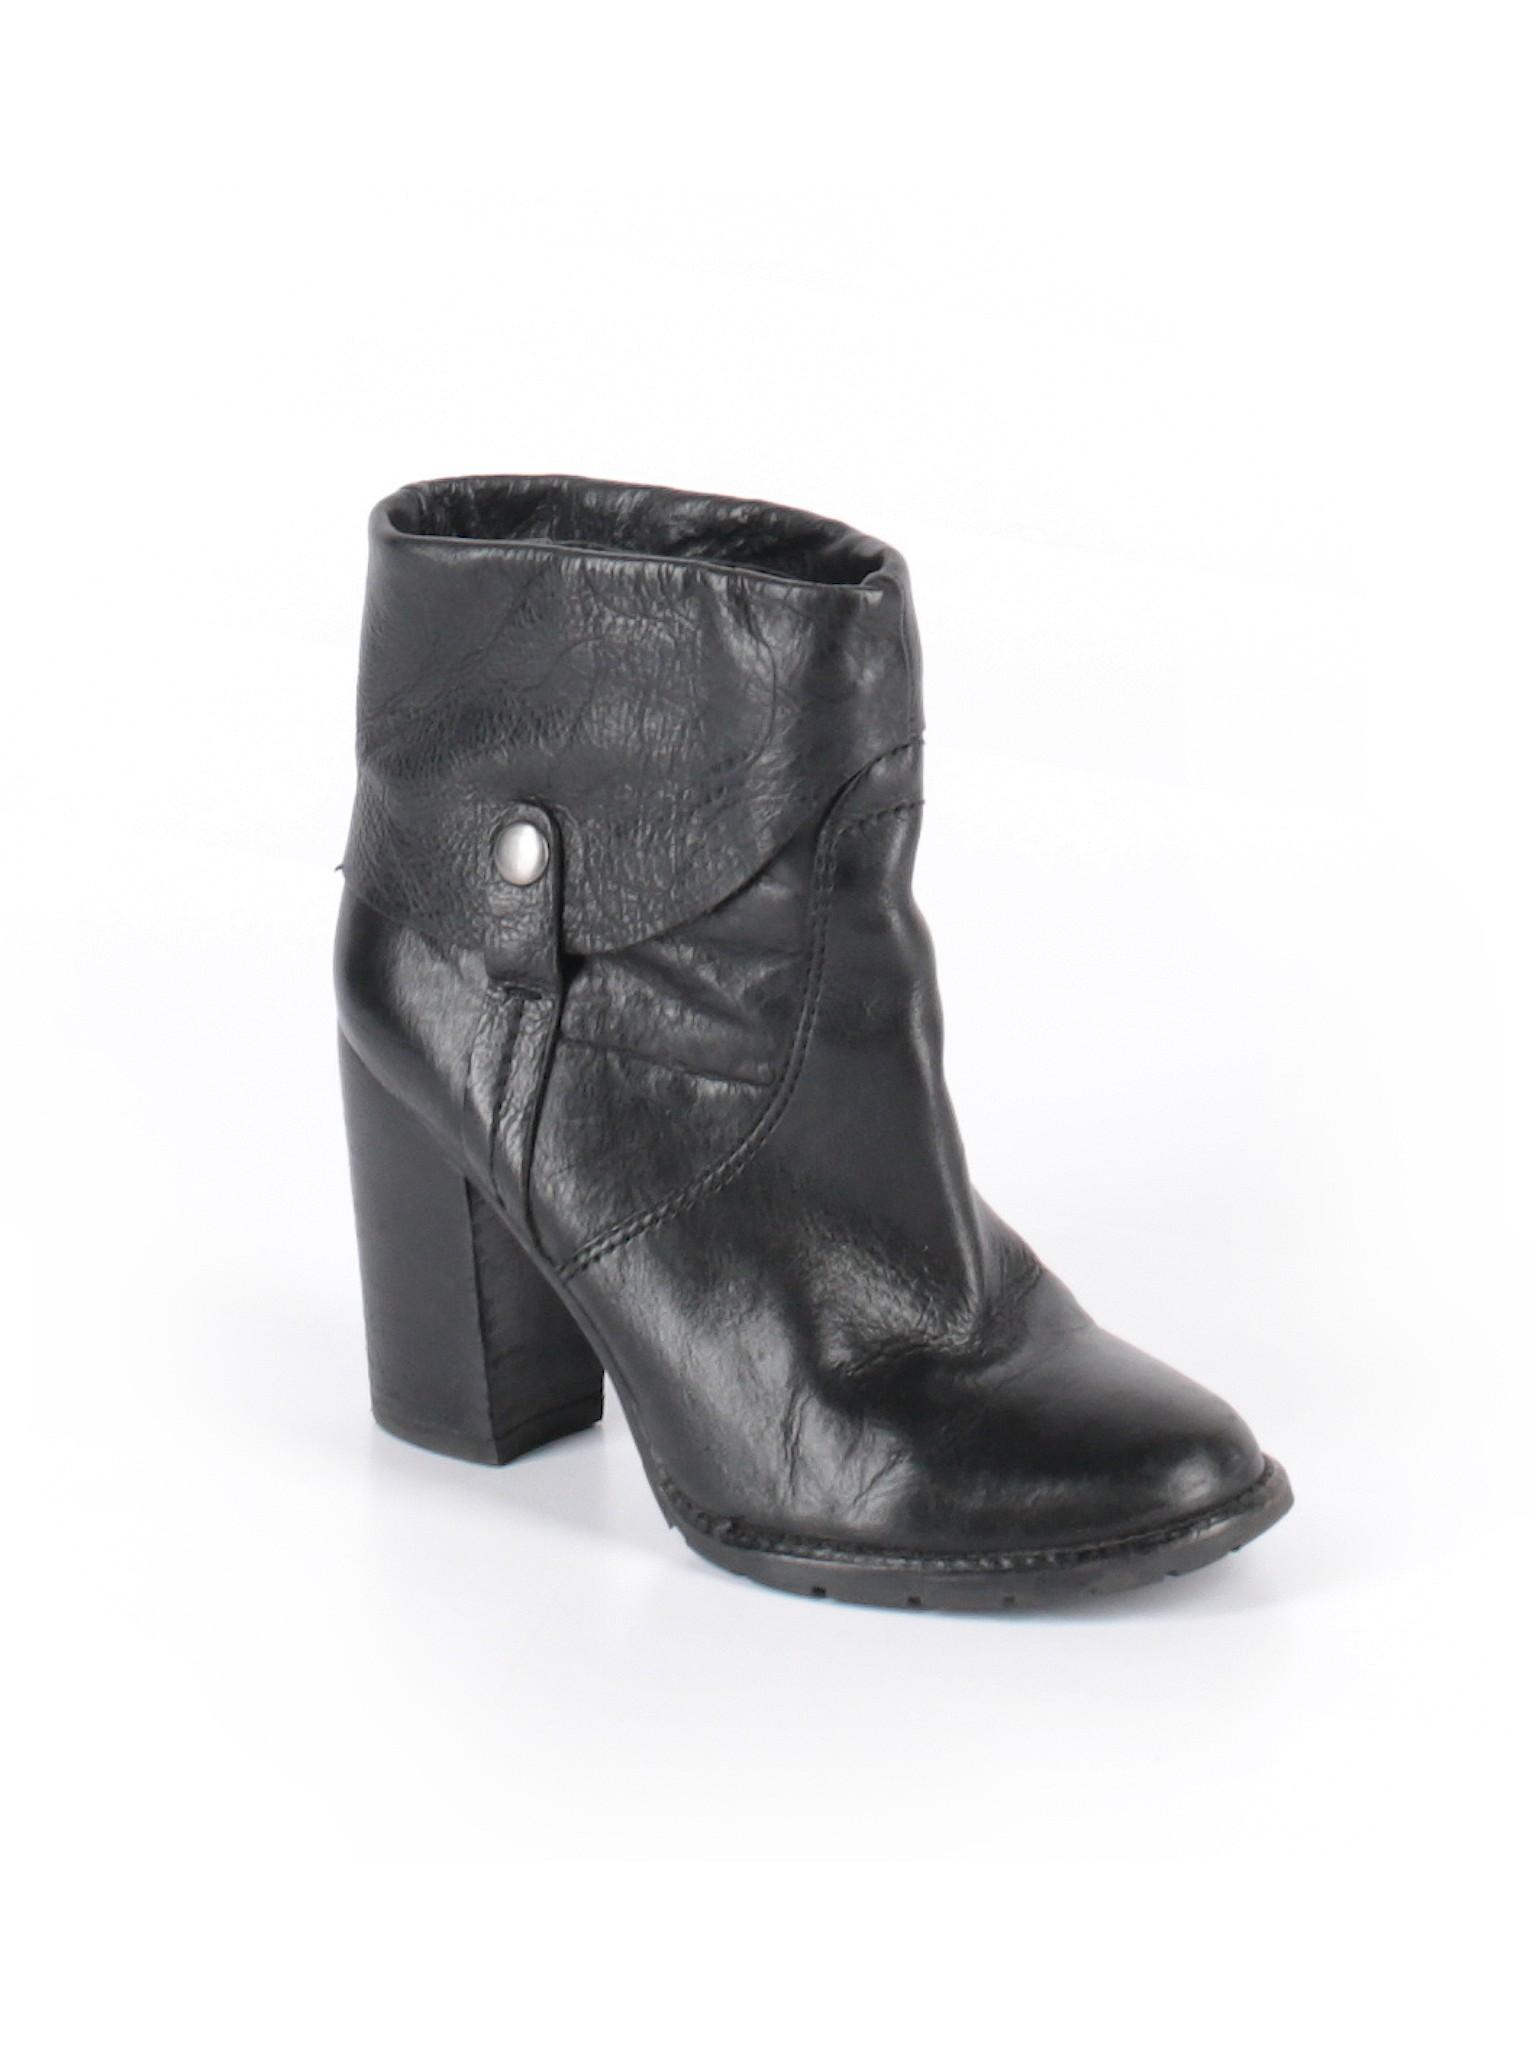 Sarto Franco Boots Boutique Ankle promotion ZzWfqf